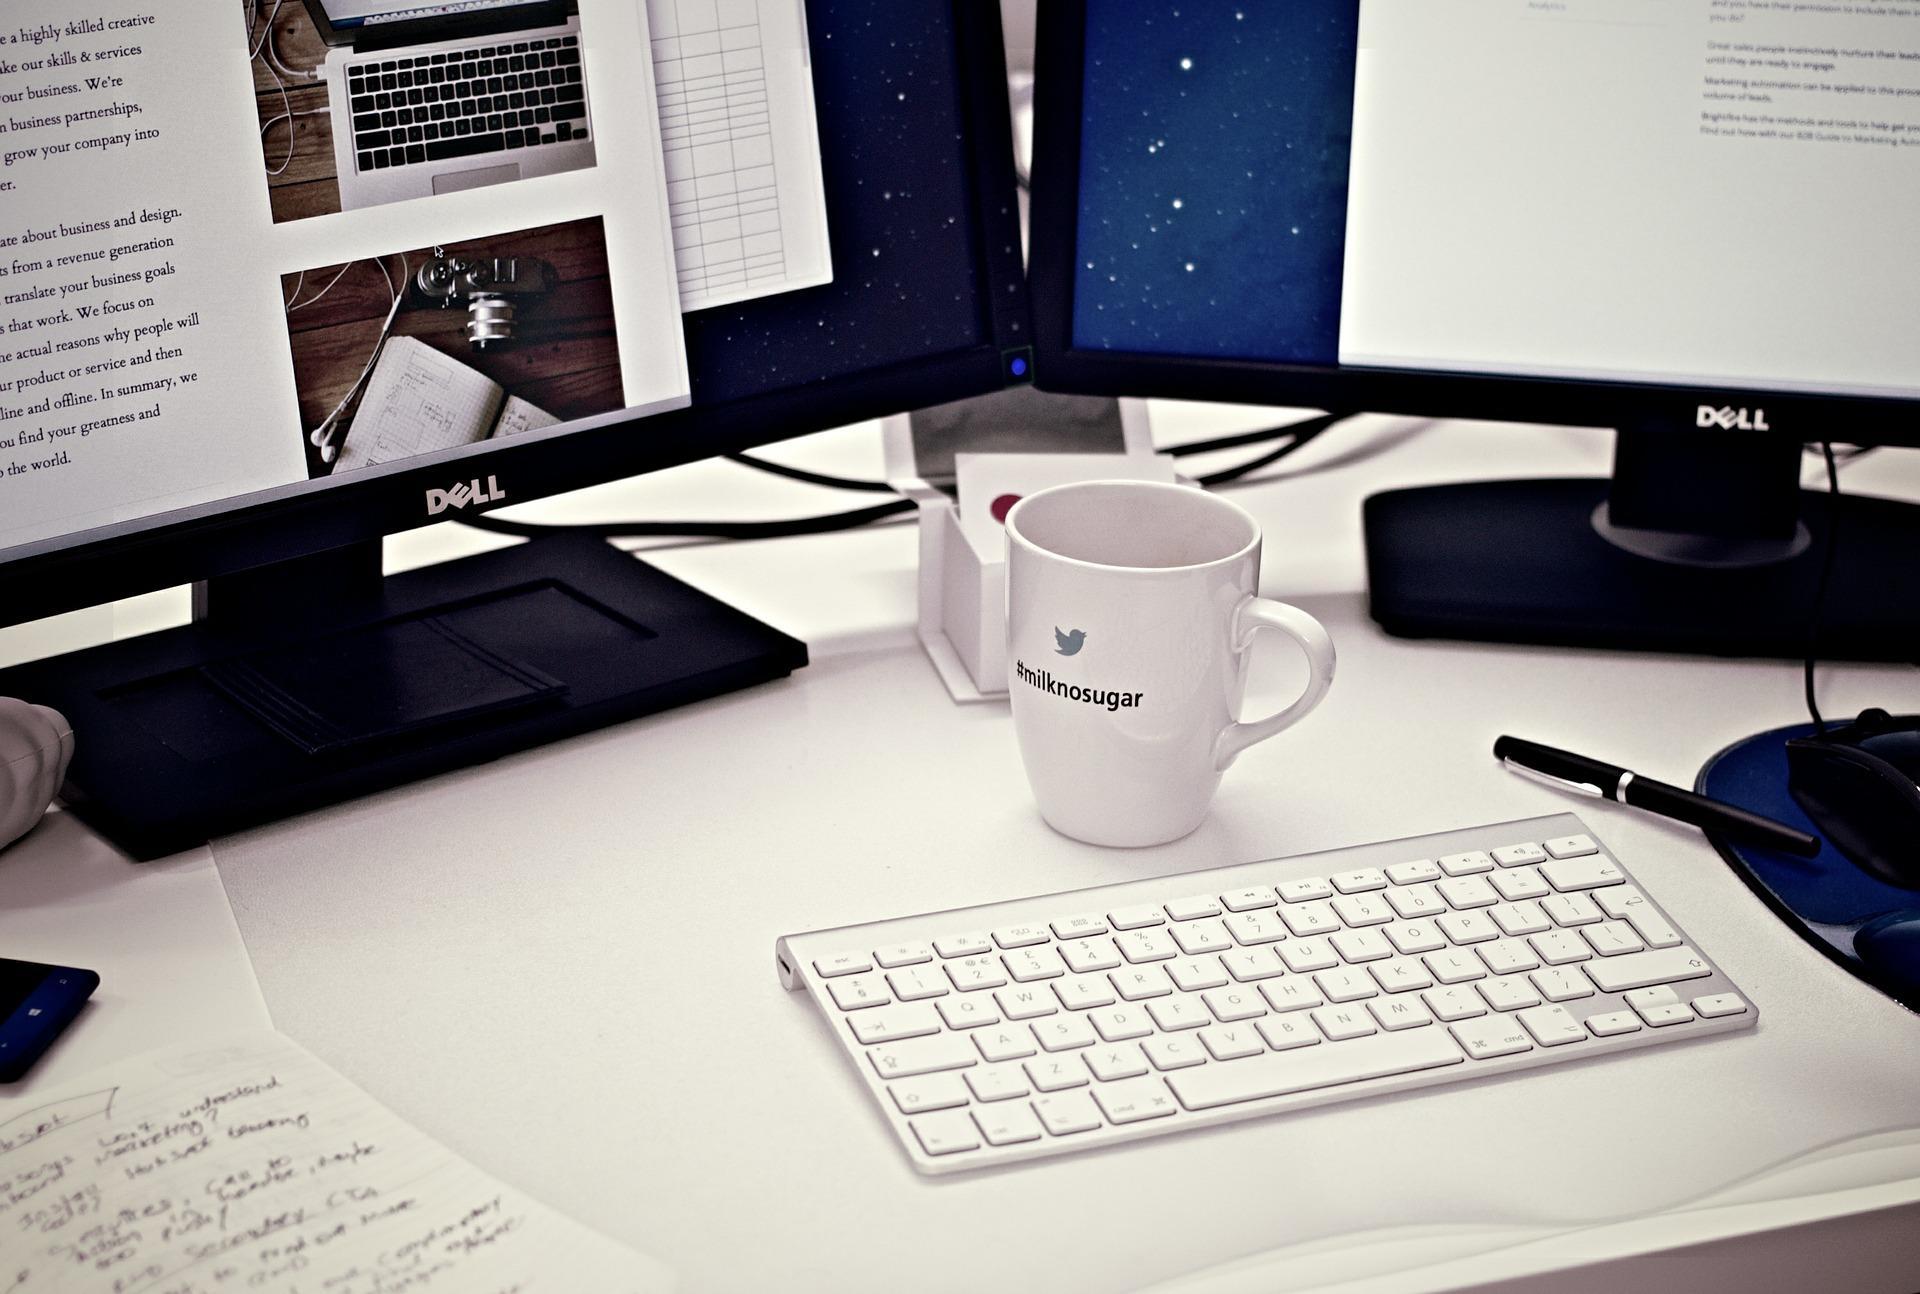 WordPressのテンプレートとは?作り方・使い方・カスタマイズなどを完全解説